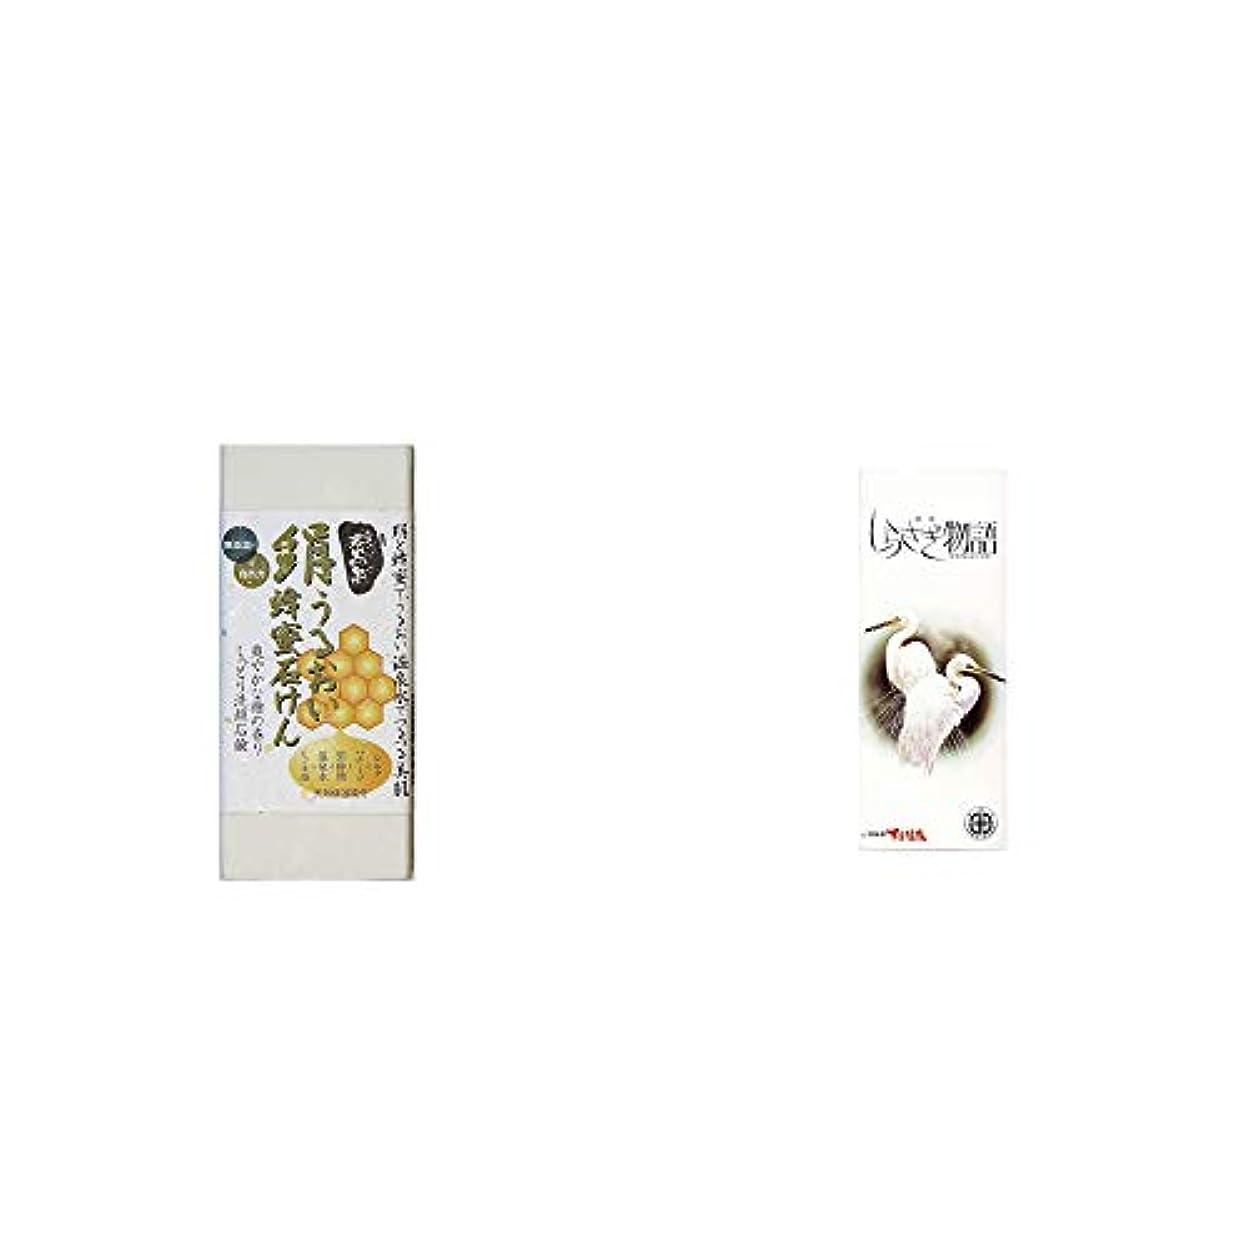 はず工夫する憂鬱な[2点セット] ひのき炭黒泉 絹うるおい蜂蜜石けん(75g×2)?飛騨銘菓 しらさぎ物語 [特小](11枚入)